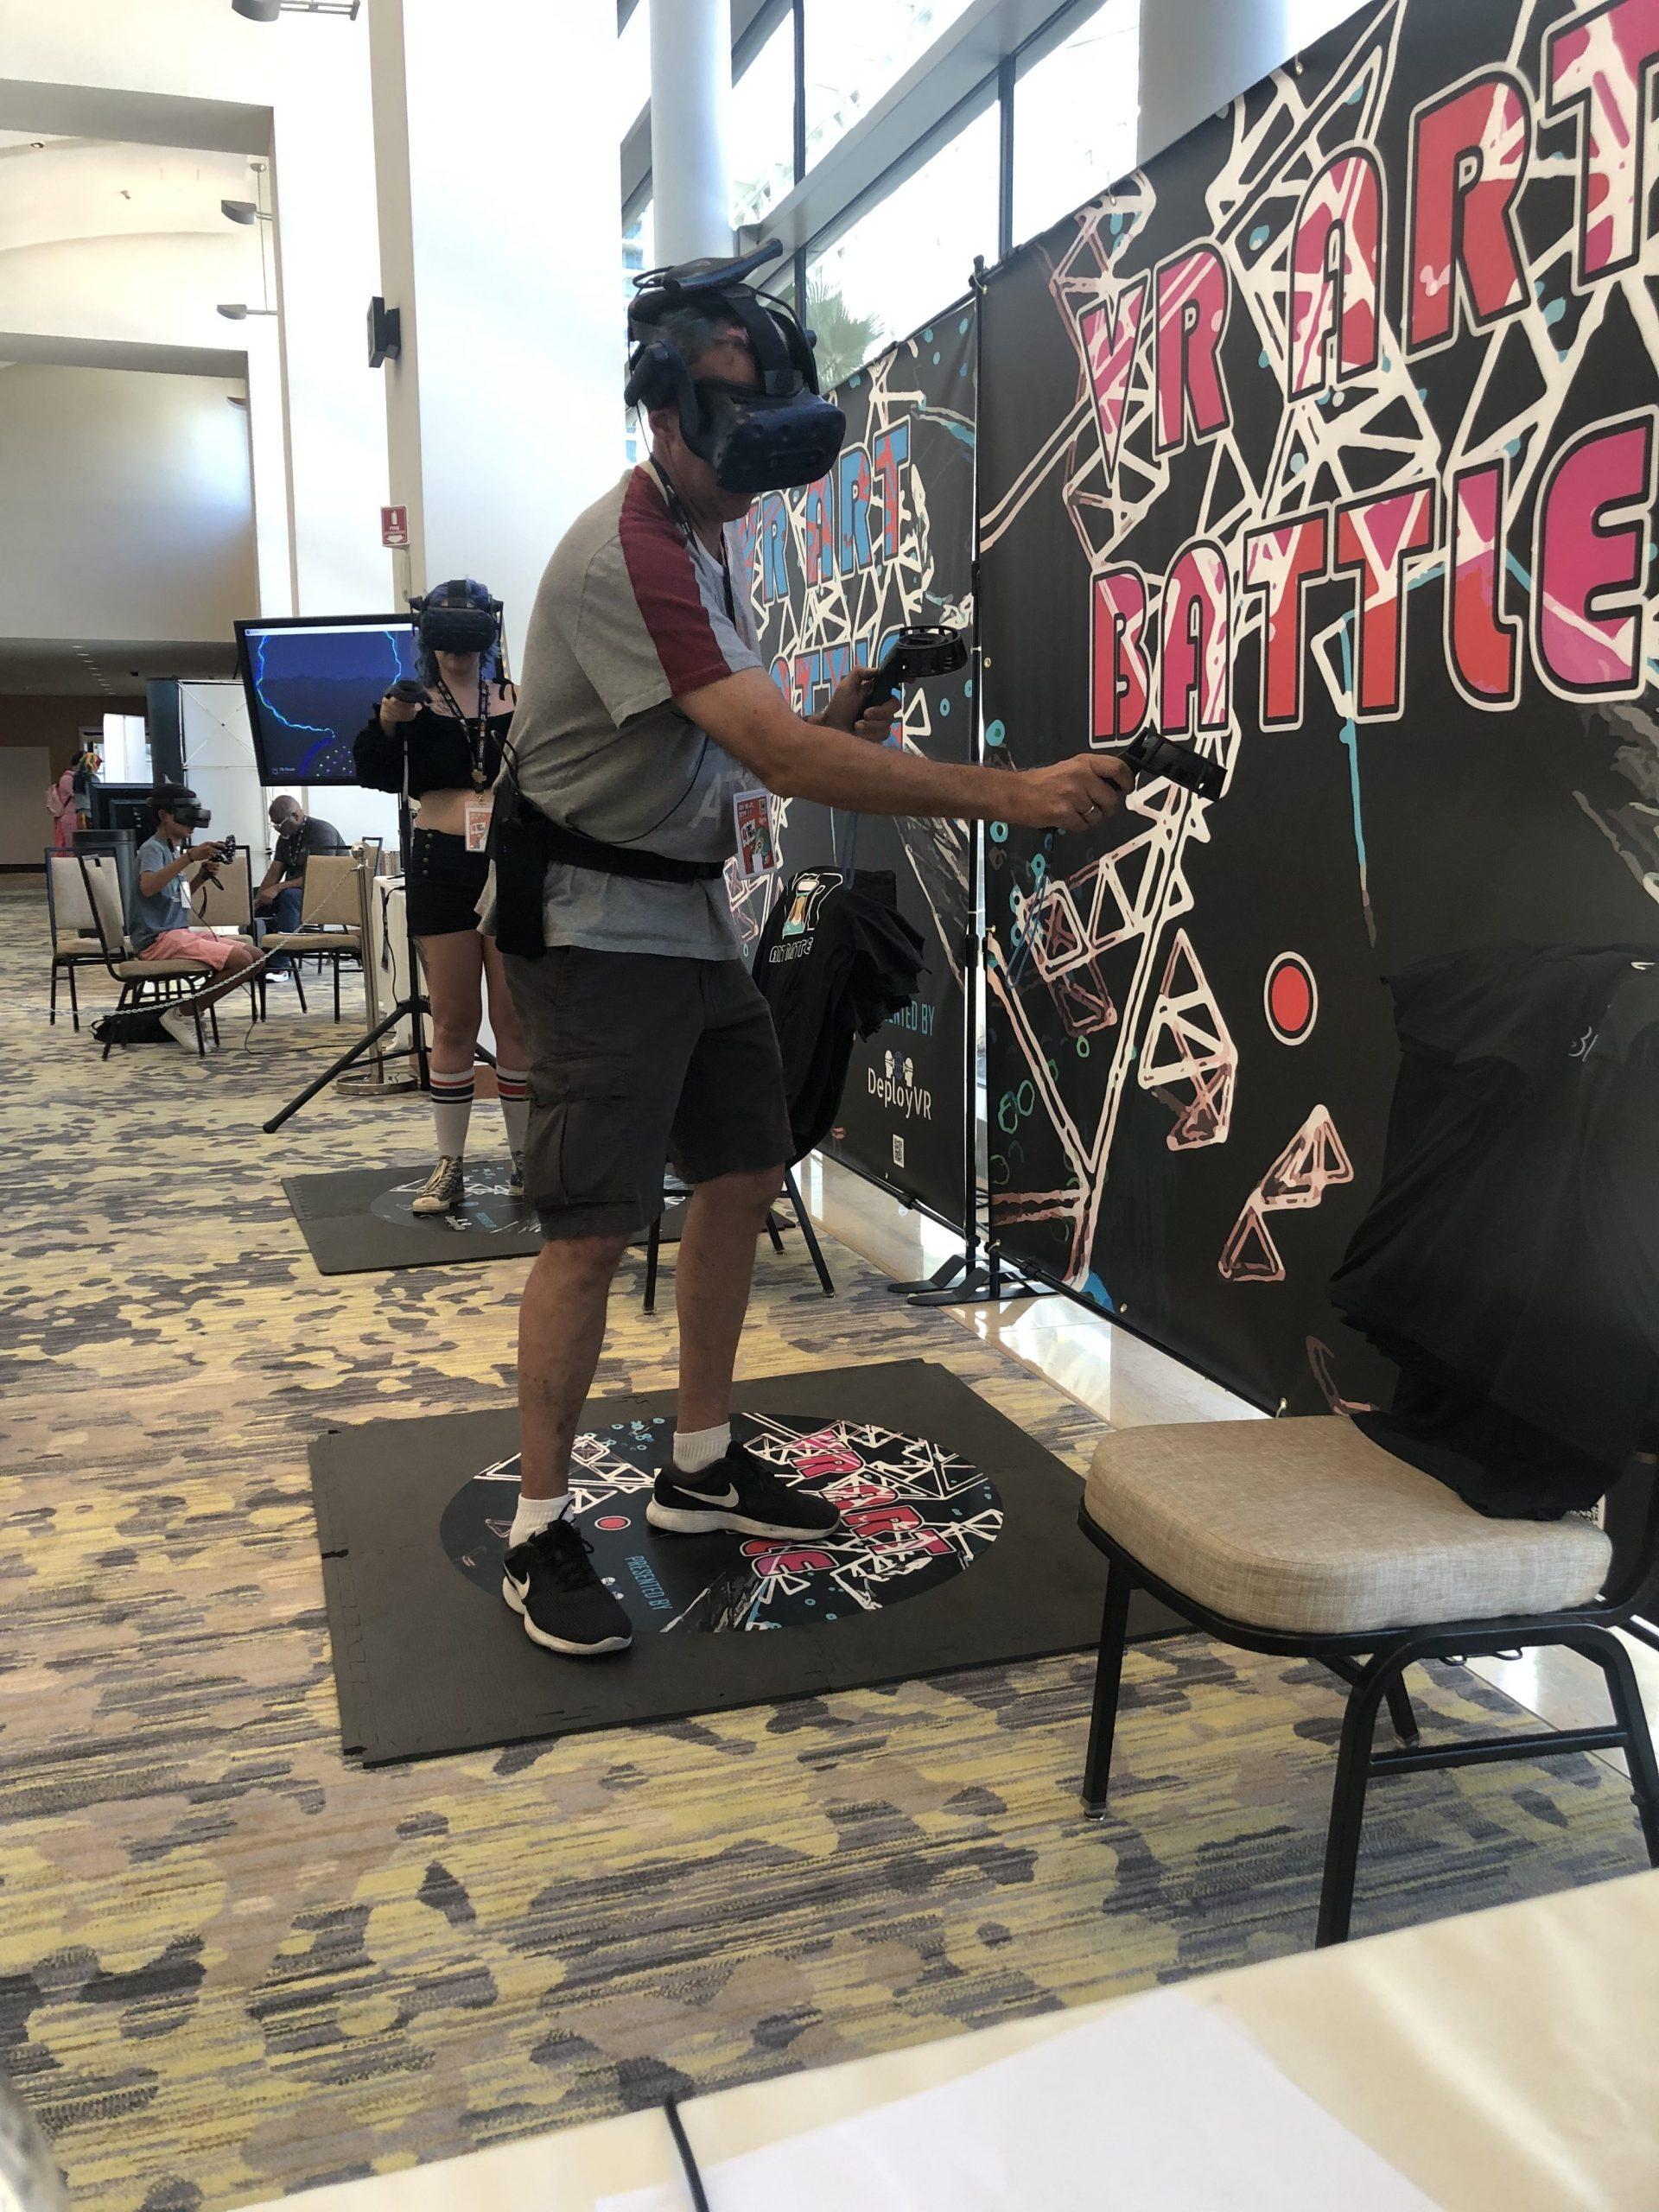 VR Art Battle Booth